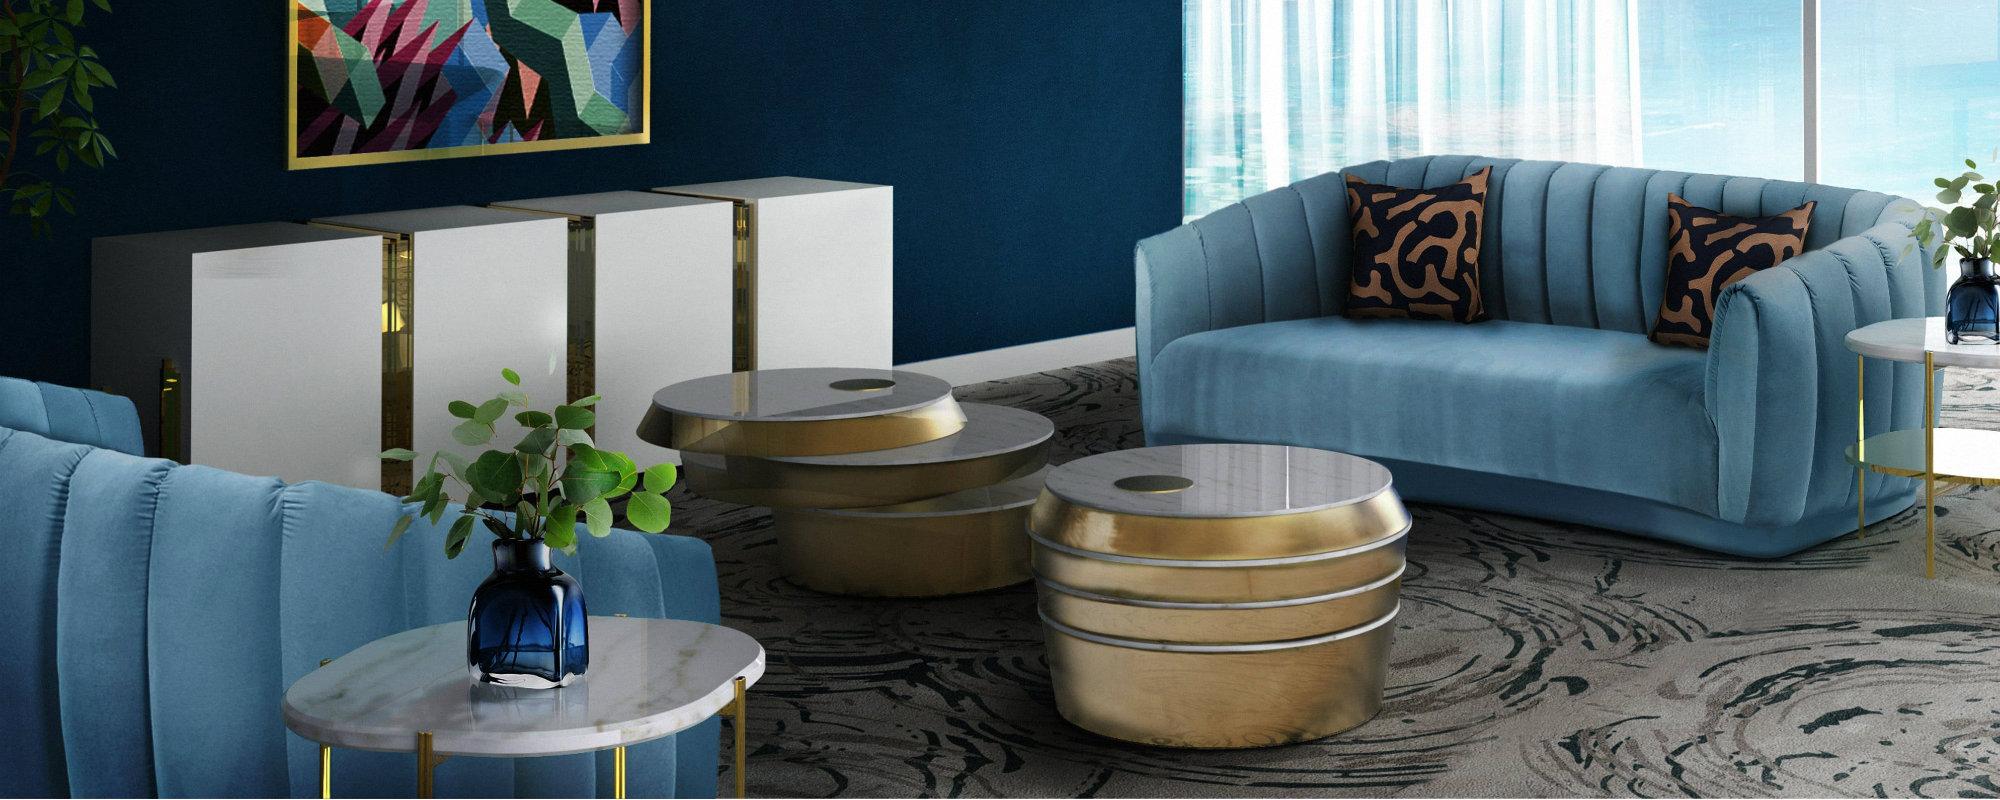 Ideas para decorar: Amparadores de lujo para tú casa  Ideas para decorar: Amparadores de lujo para tú casa Featured 10